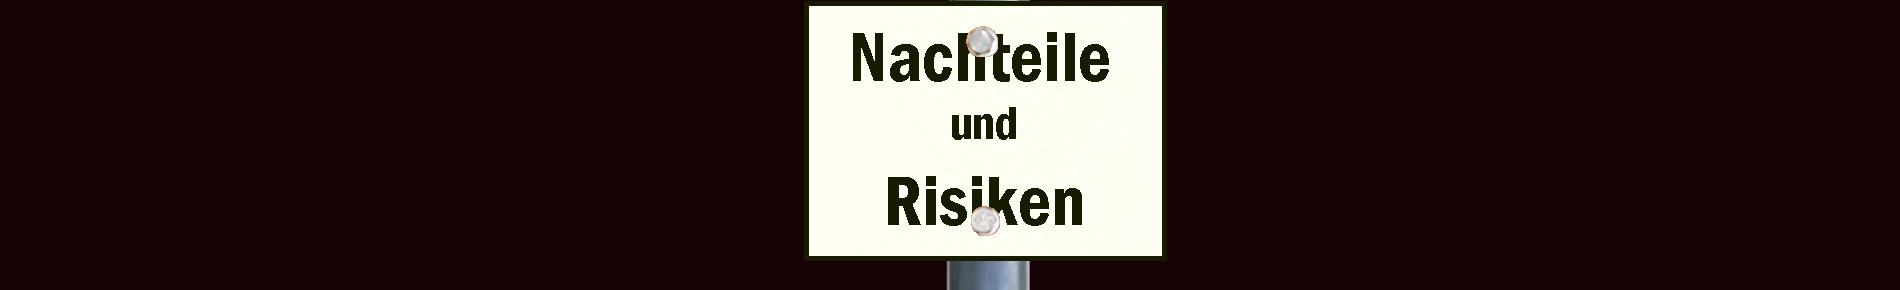 WW_NachteileRisiken